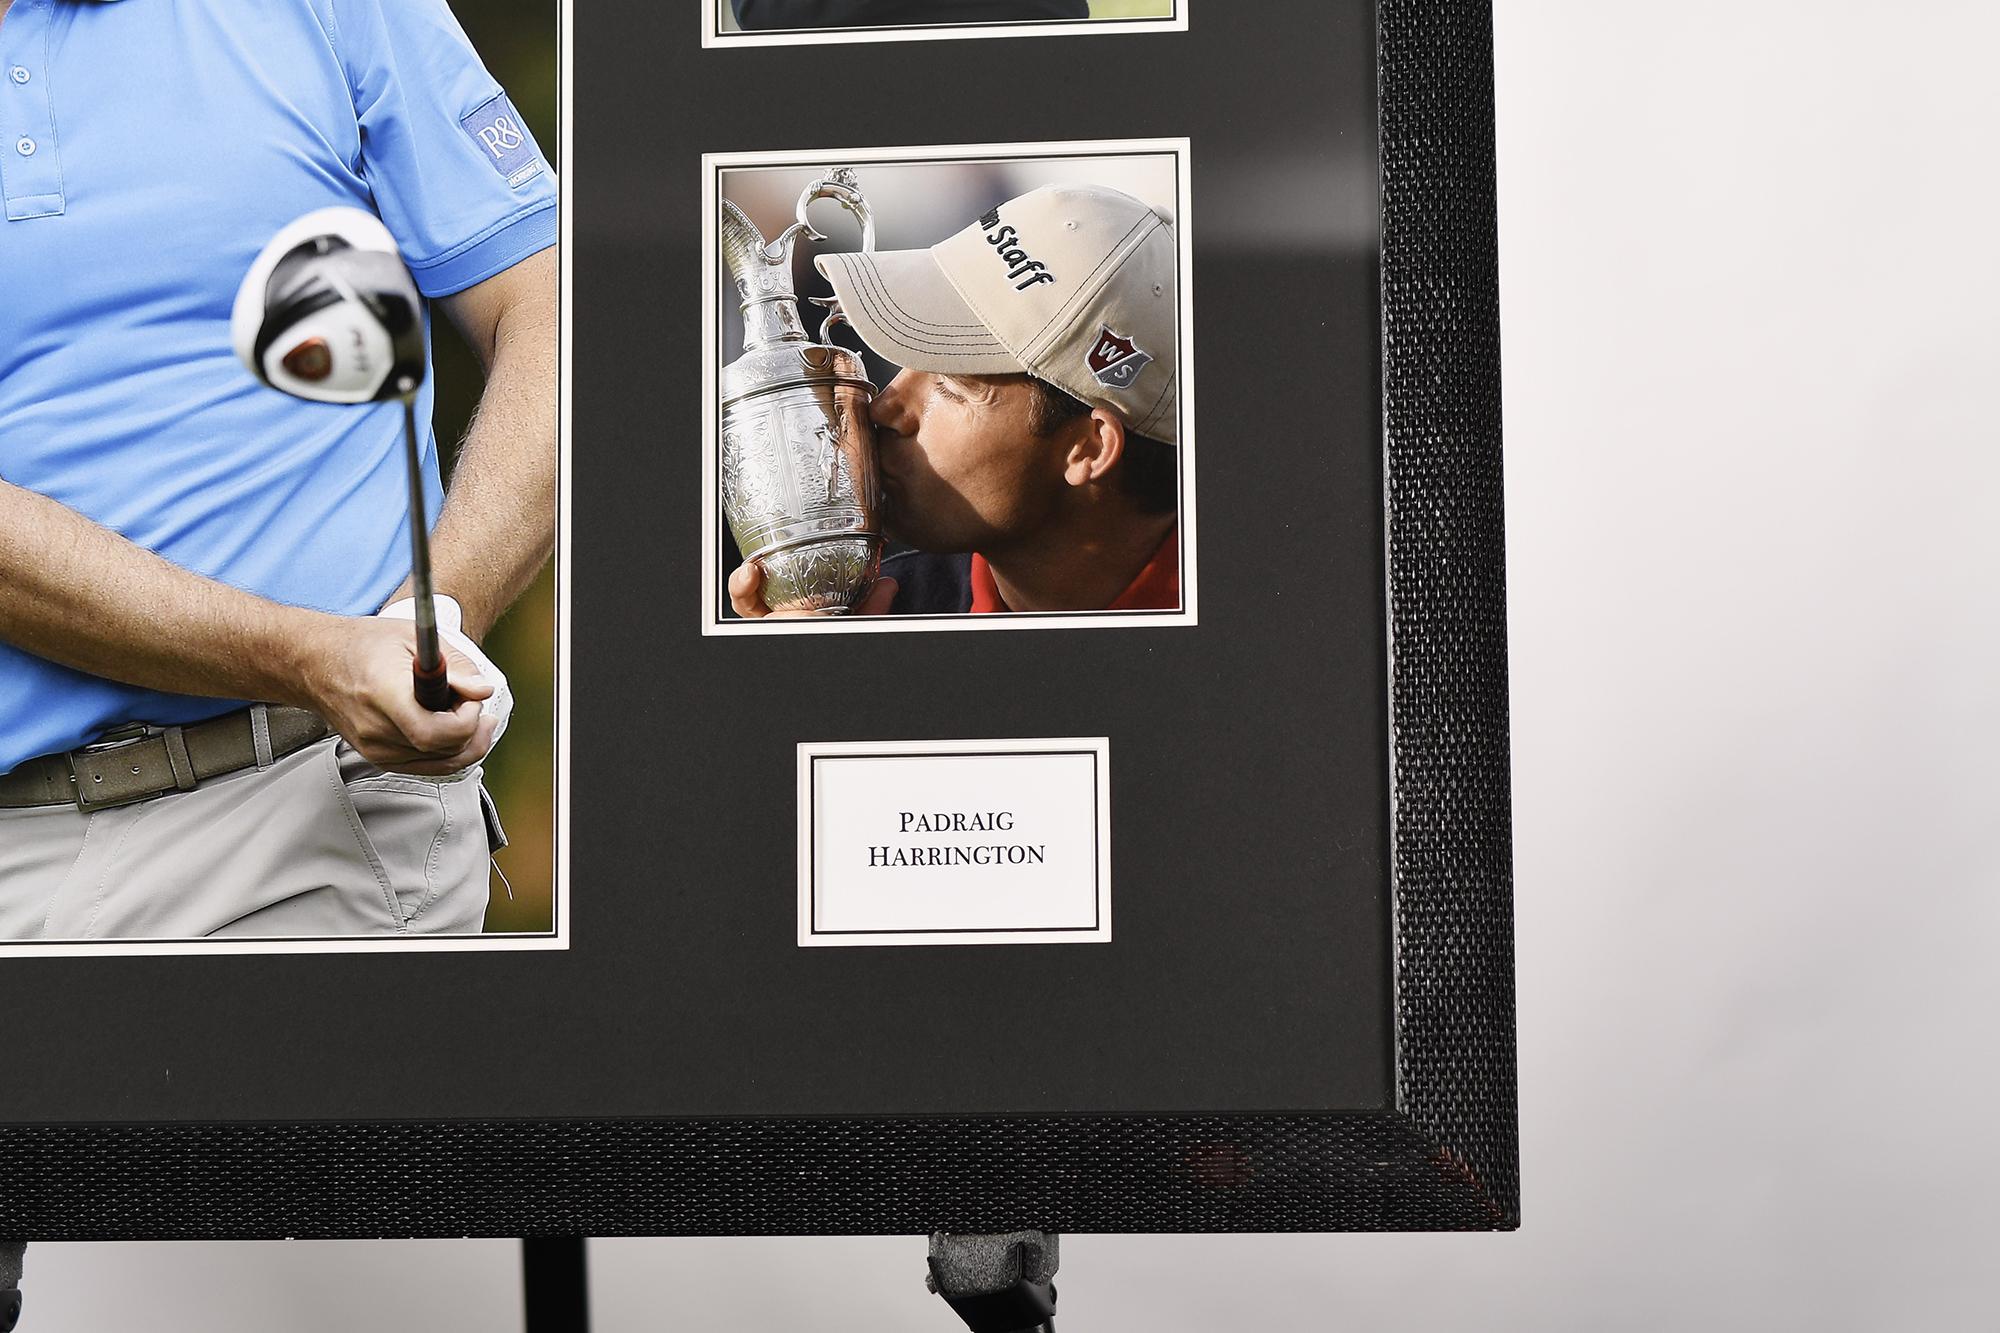 Padraig Harrington Framed Signature Presentation - Image 4 of 4